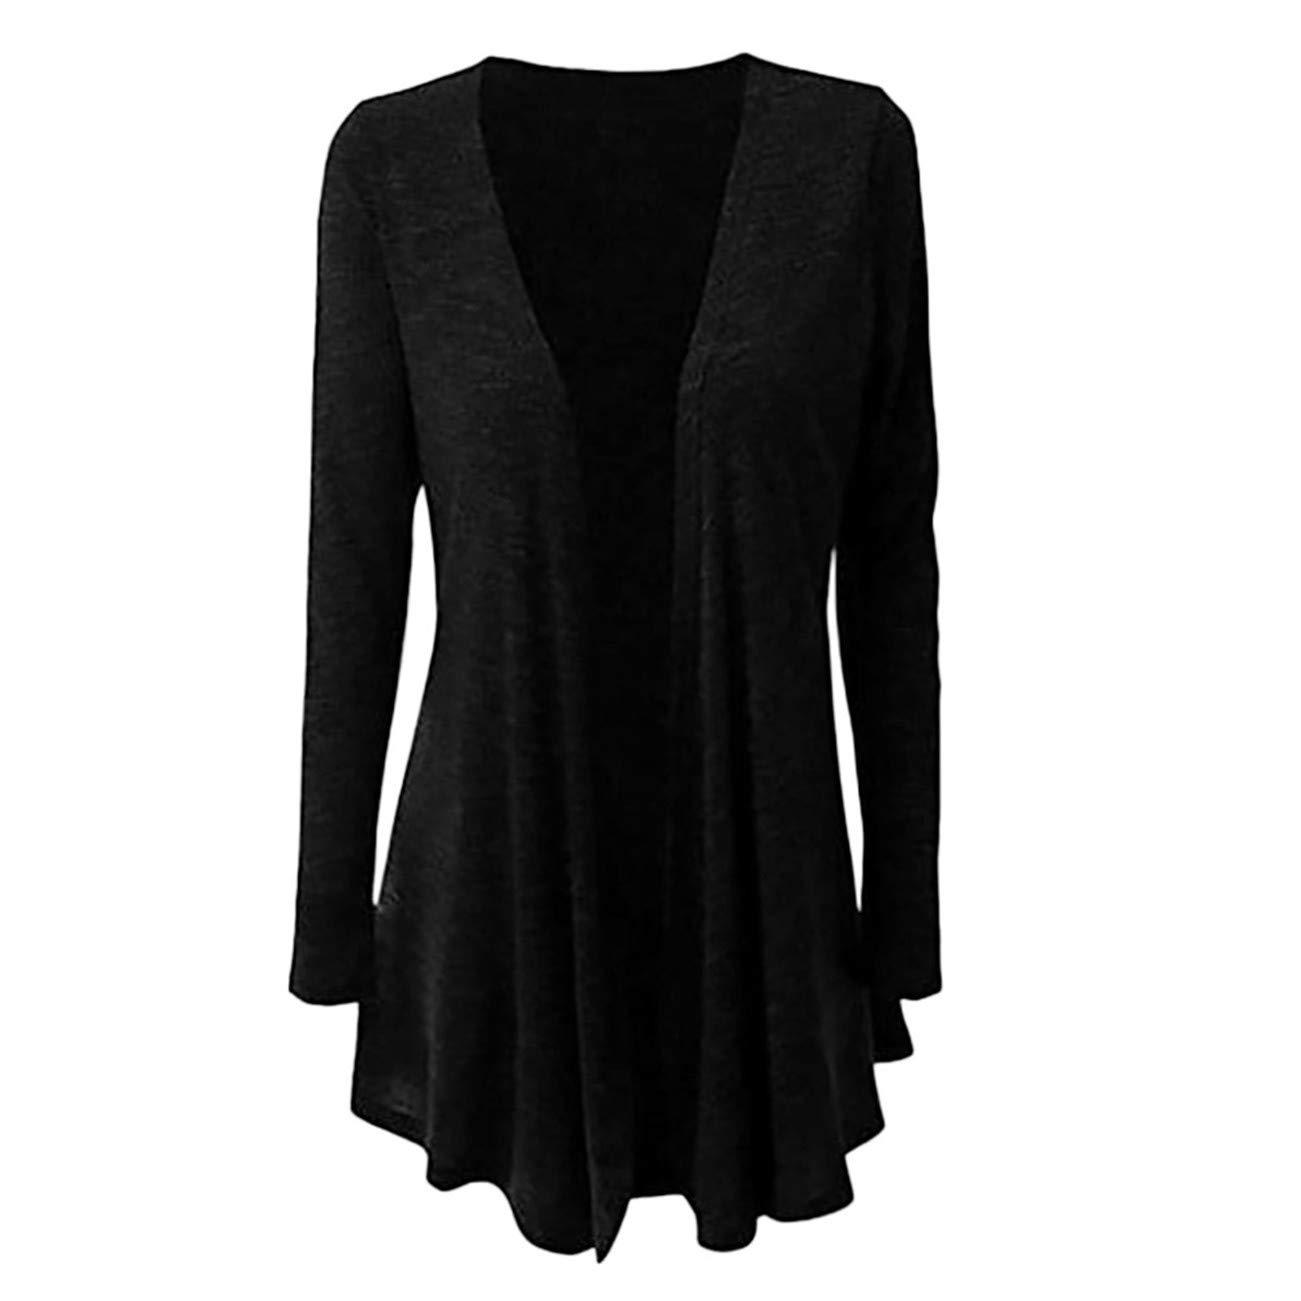 AMUSTER -Inverno Autunno Donna Elegante Cerimonia Fashion Casual Plus Size Manica Lunga Pure Color Fit Rivestimento Frontale Aperto Outwear